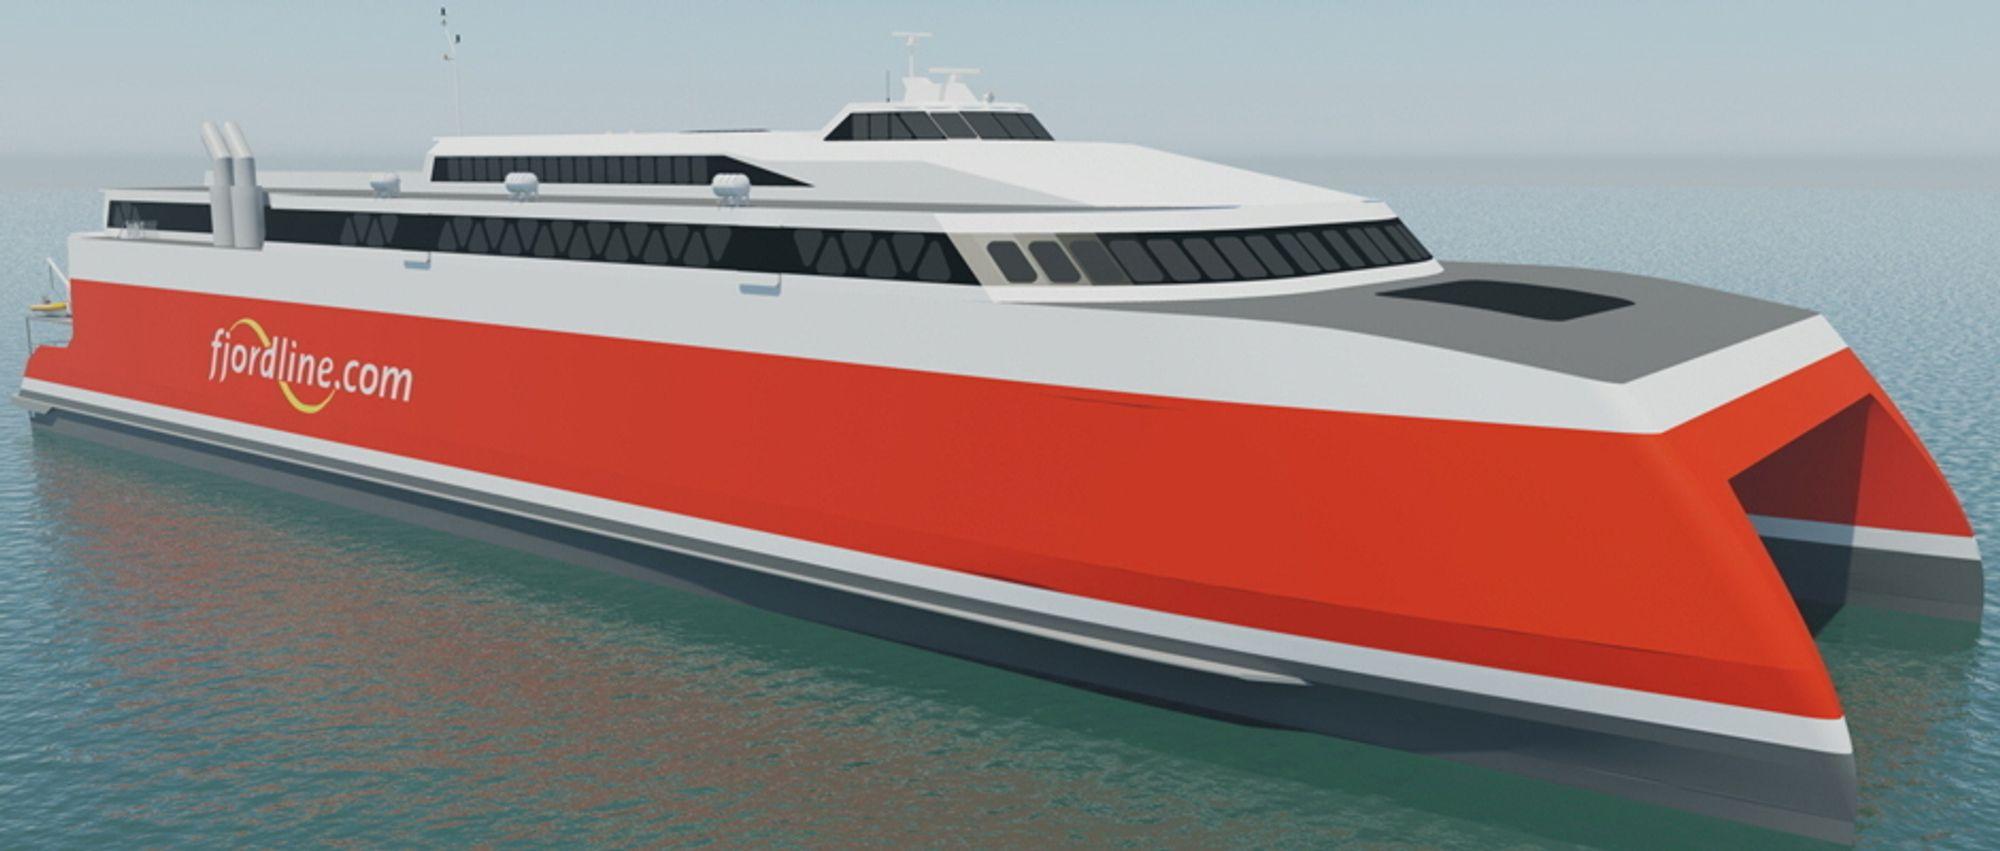 Austal Ships skal levere den 109 meter lange og 30,5 meter brede katamaranen til sommersesongen 2020. Den erstatter HSC Fjord Cat, som har bare halvparten av passasjer- og bilkapasiteten.